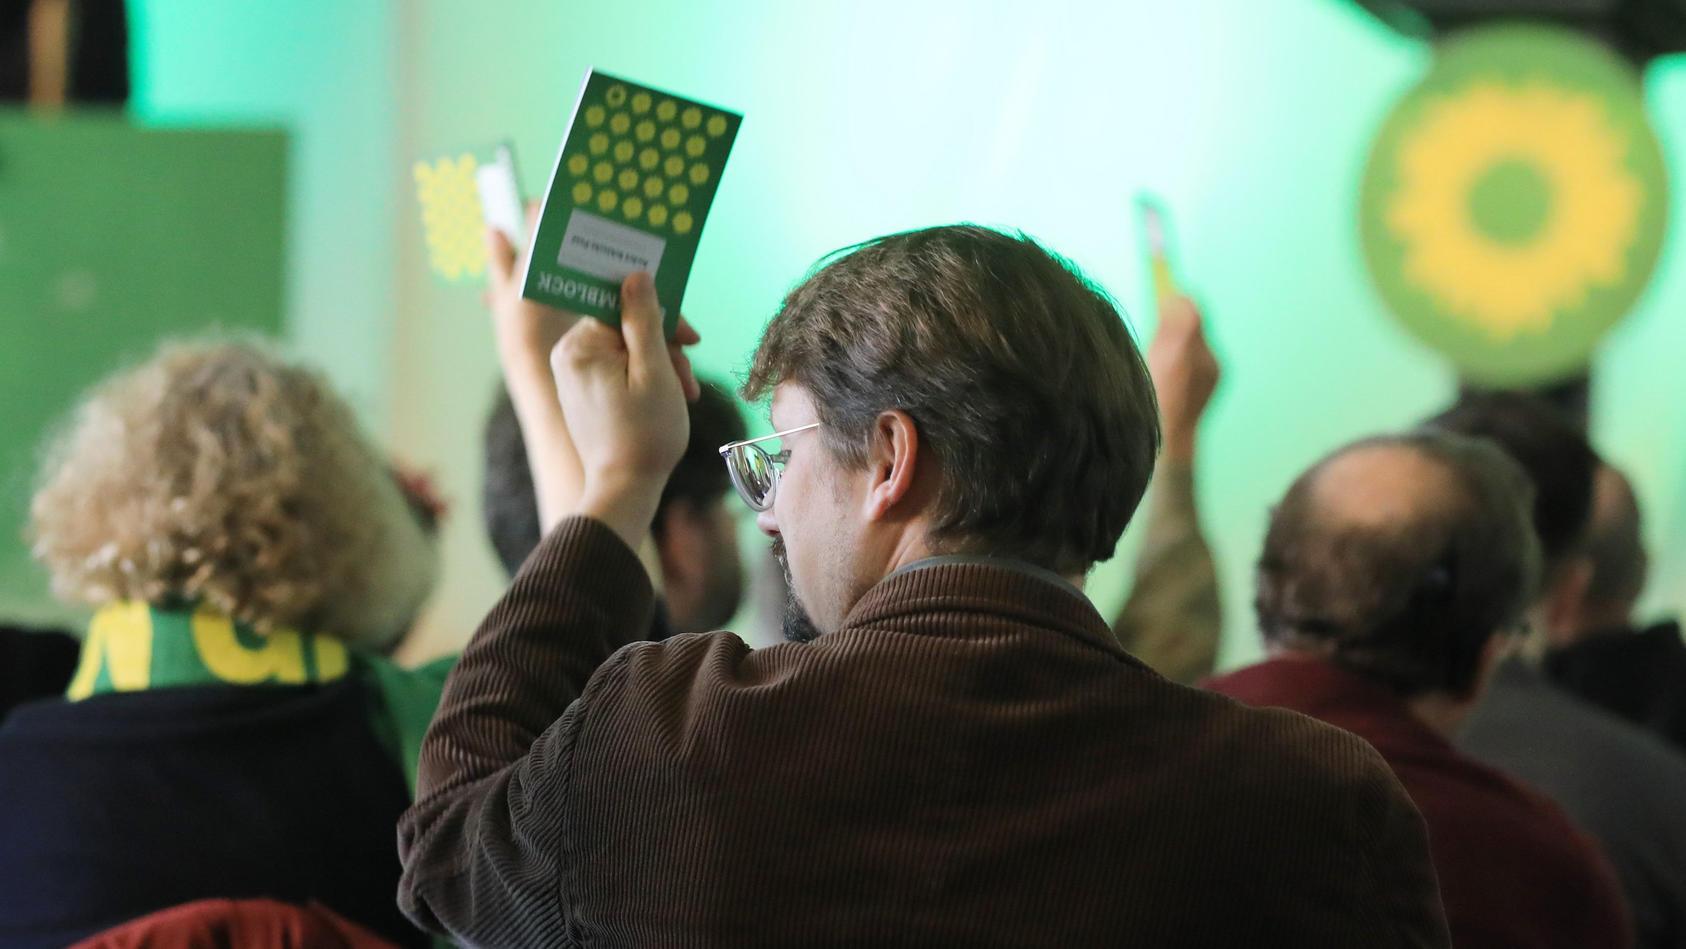 Auf ihrem Parteitag in Magdeburg haben die Grünen ein Fleischverbot für alle internen Treffen und öffentlichen Veranstaltungen beschlossen.